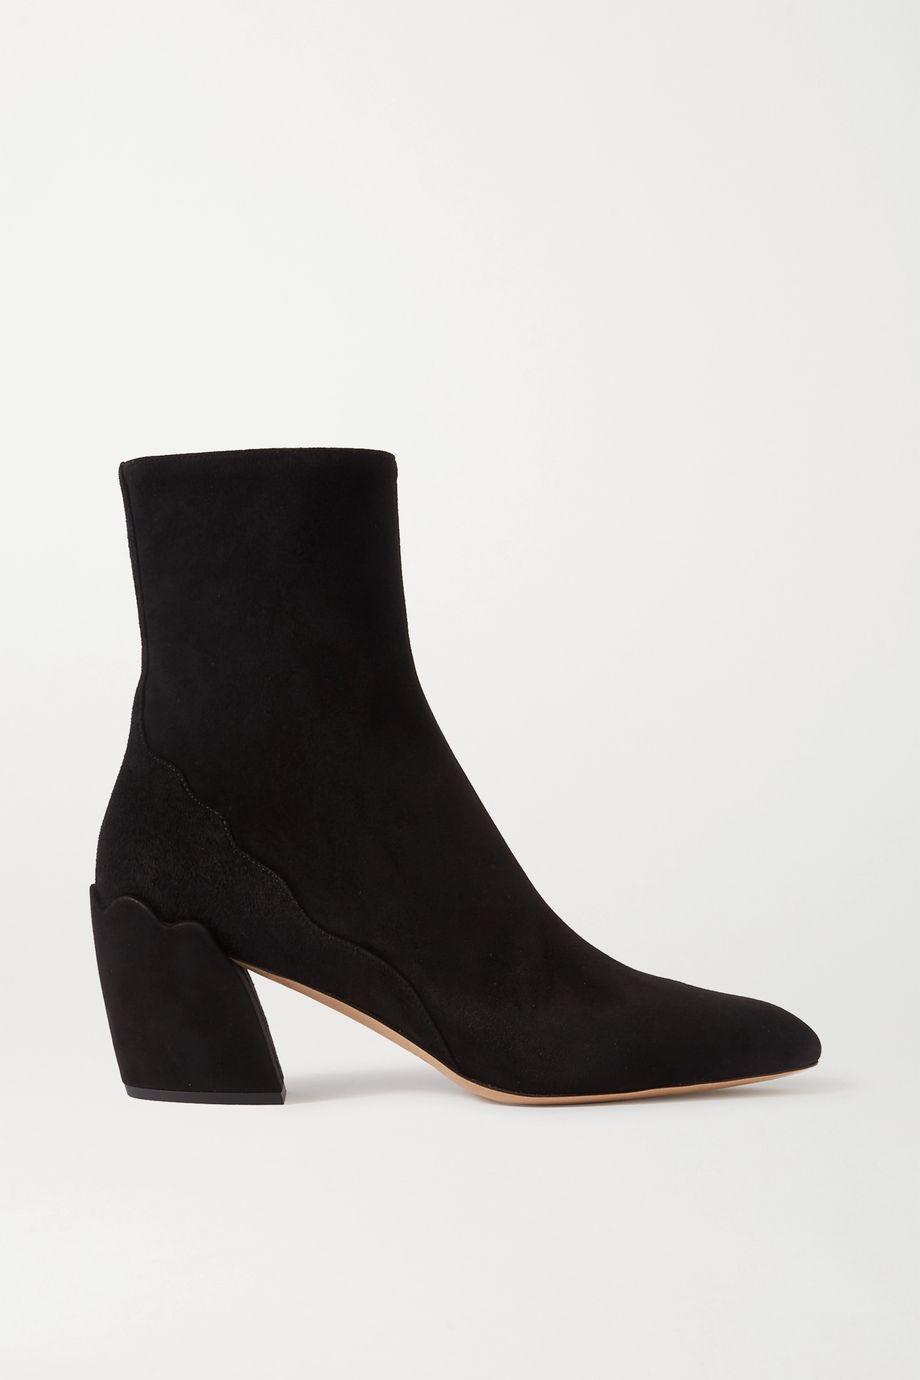 Chloé Lauren suede ankle boots